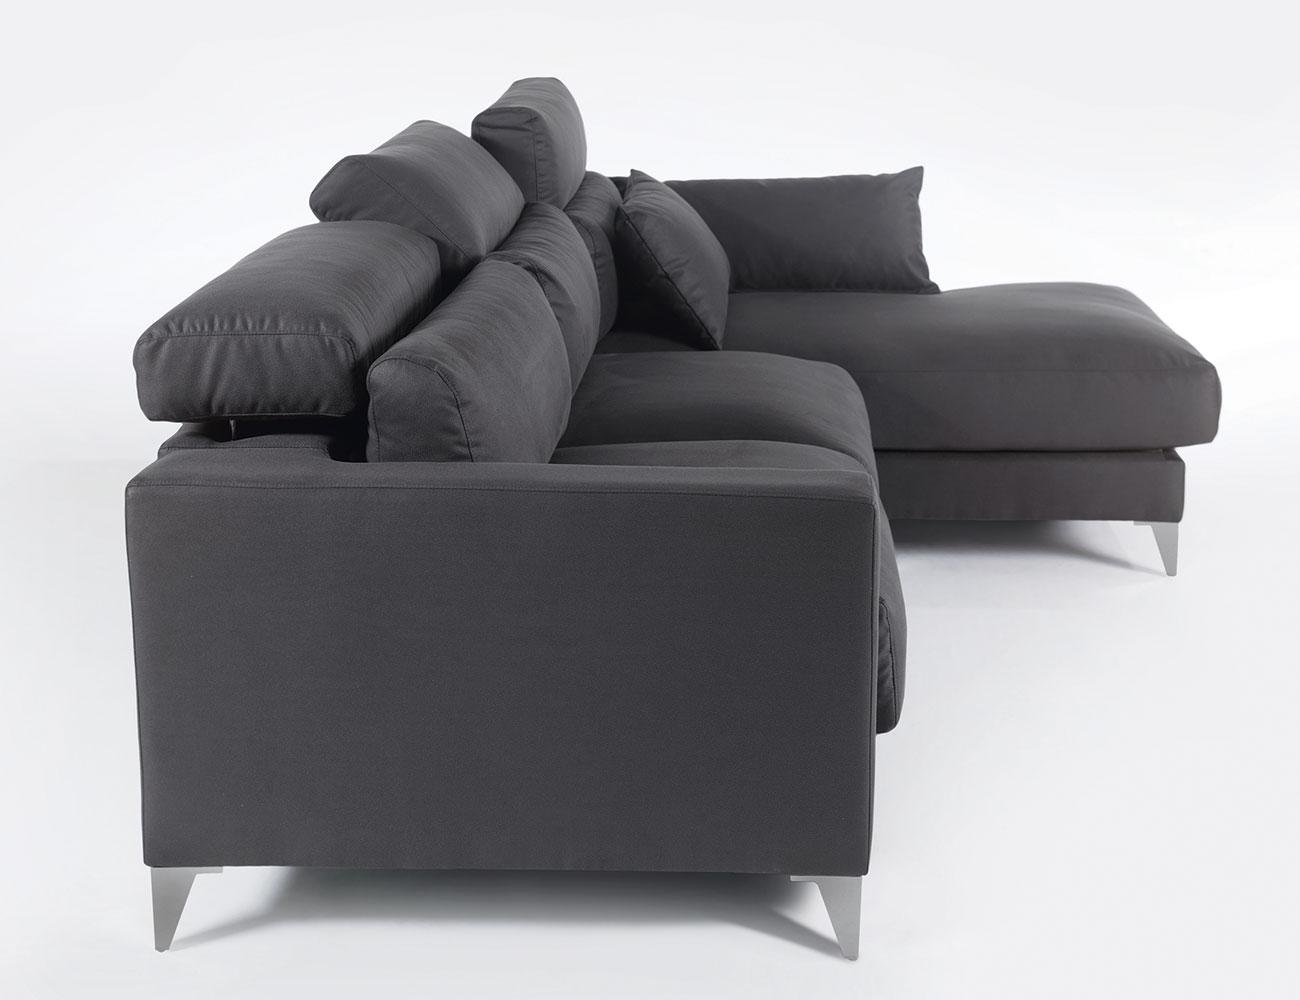 Sofa chaiselongue gran lujo decorativo grafito 131